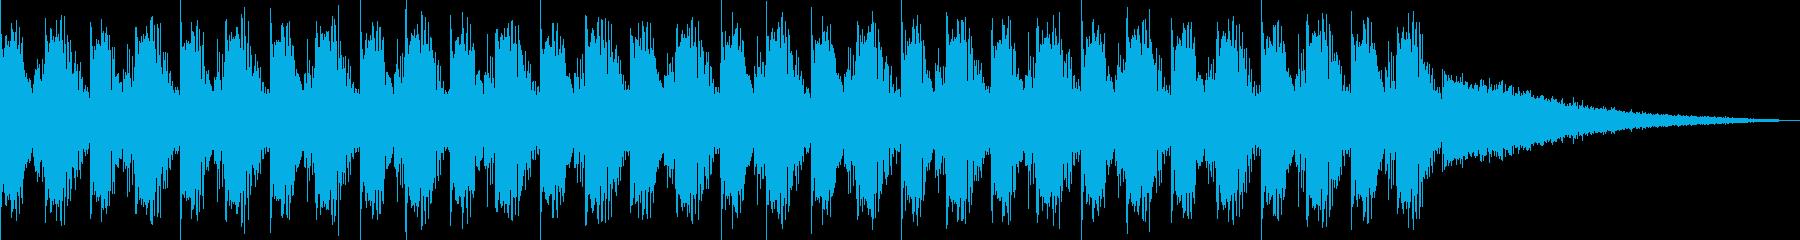 【ポーズ画面】明るくて、疾走感のある曲の再生済みの波形